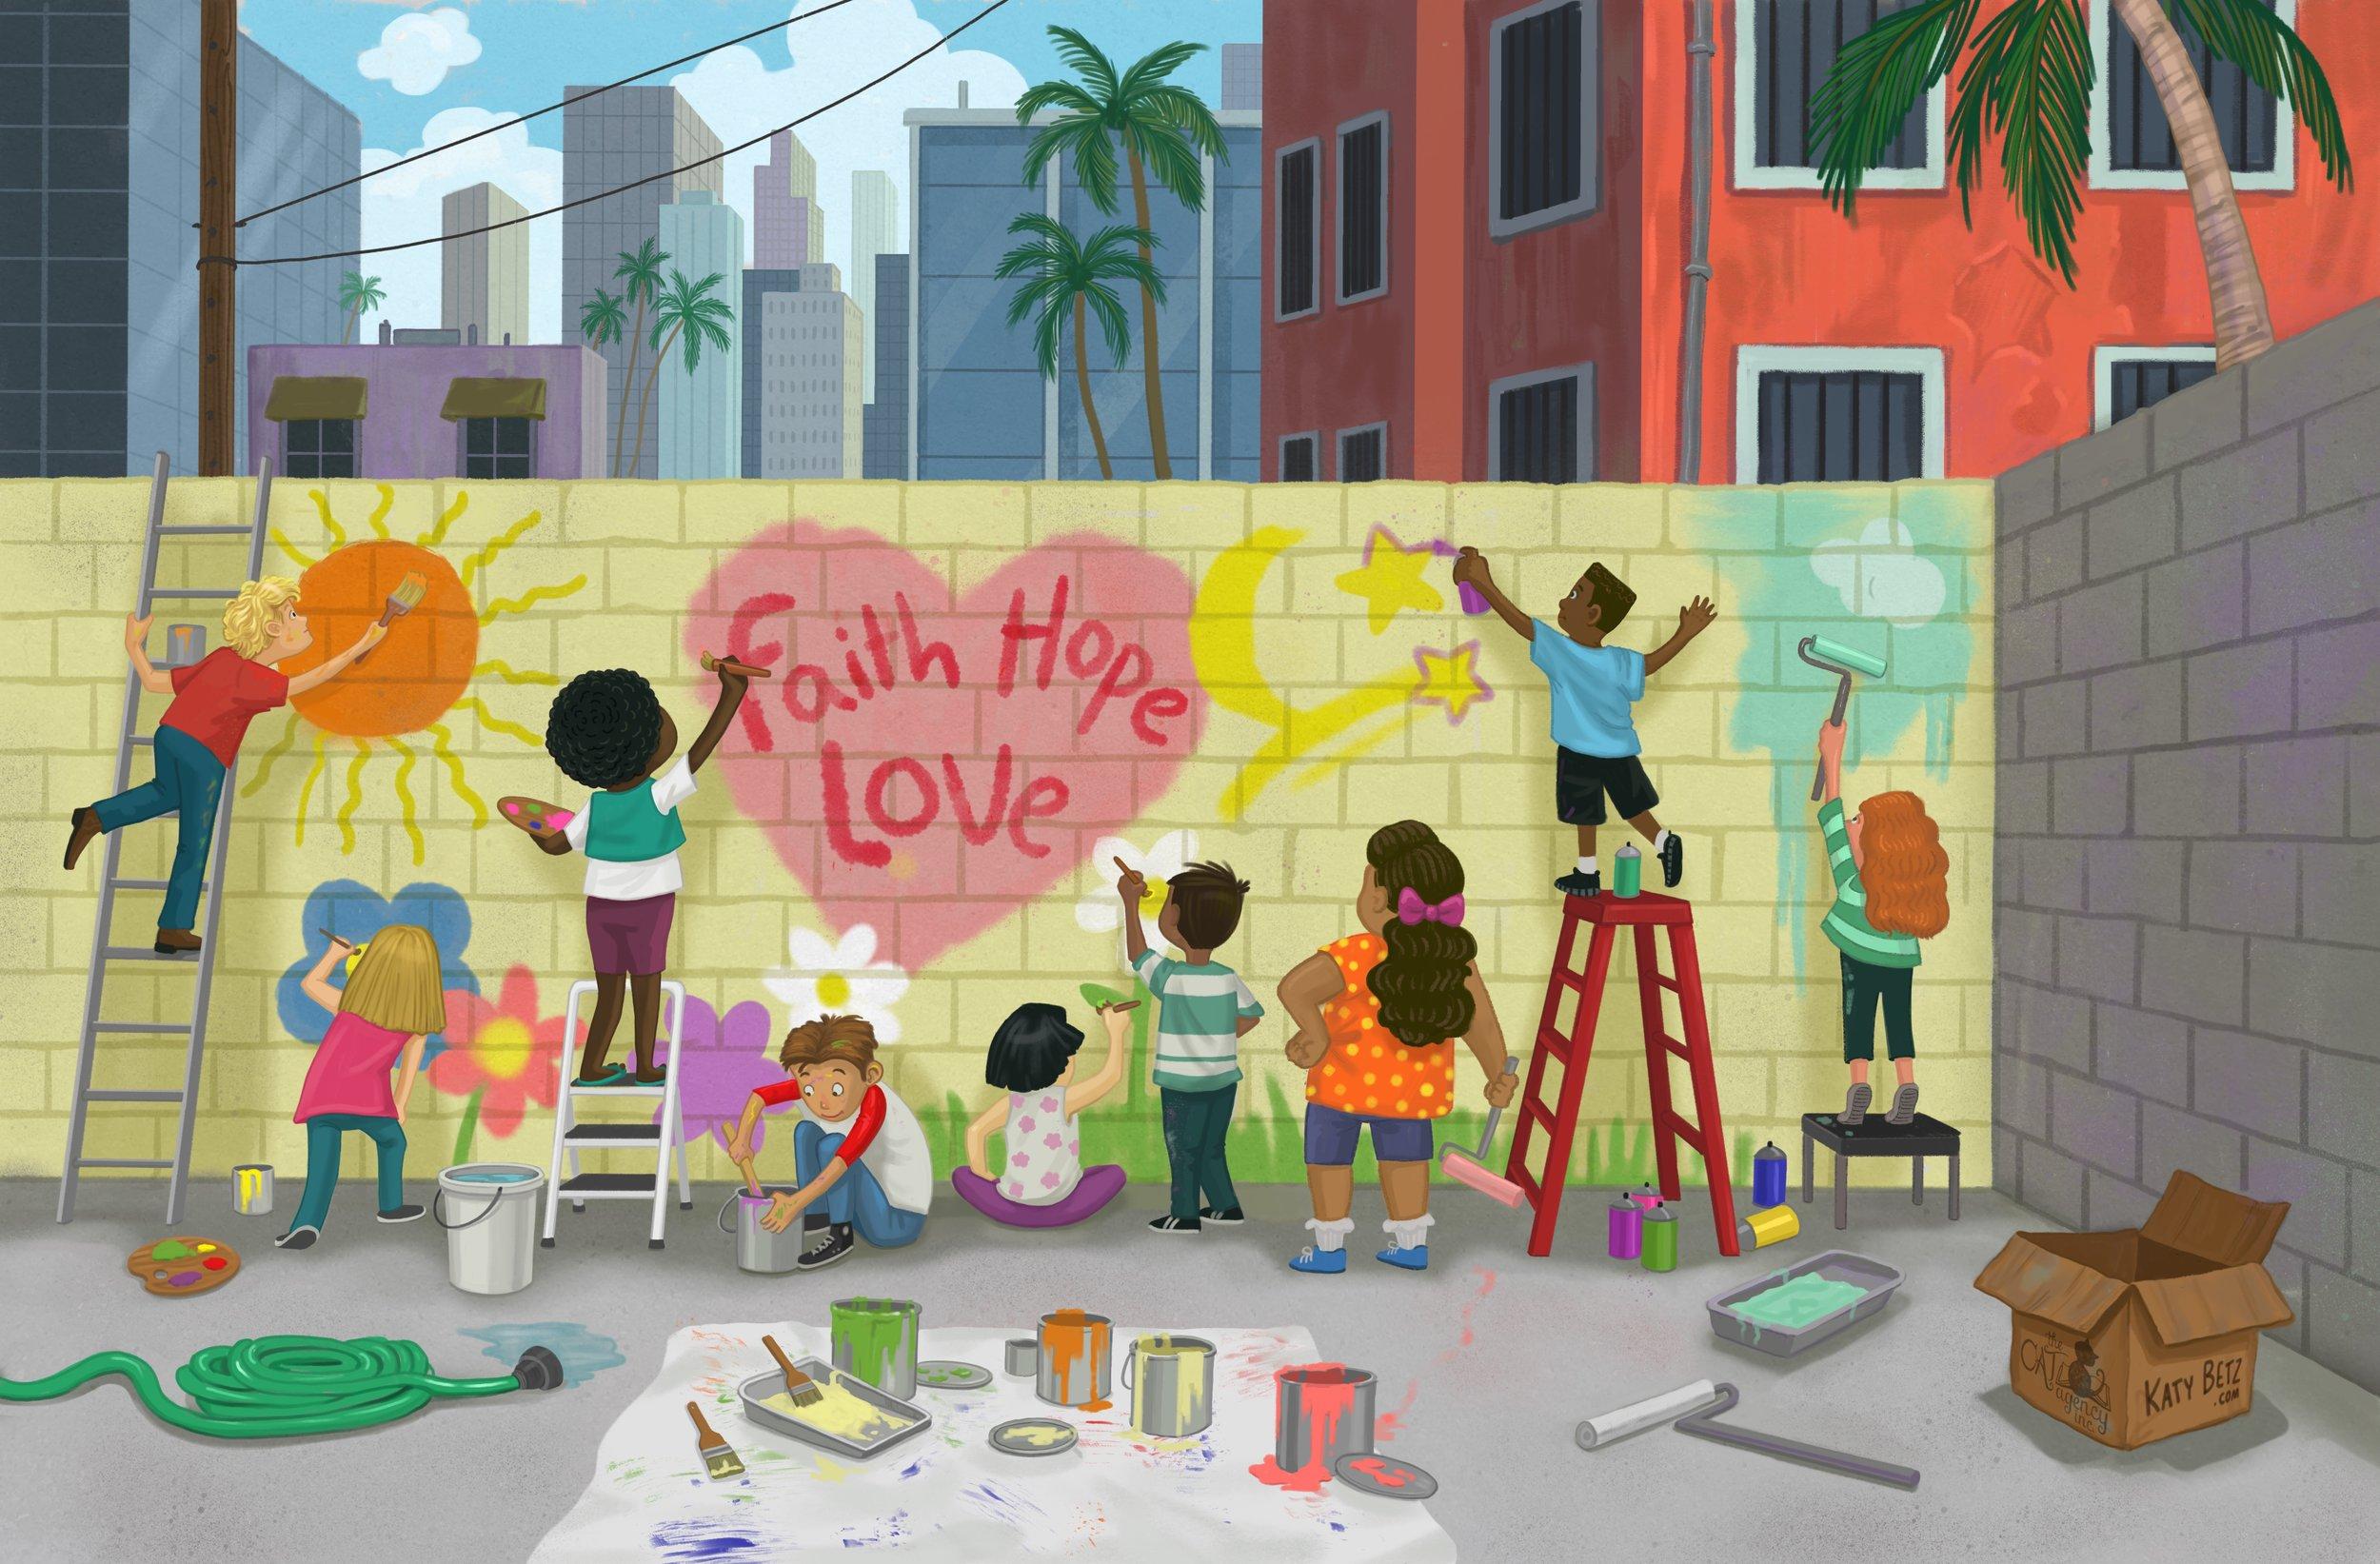 Faith_Hope_Love_-_front-1.jpg